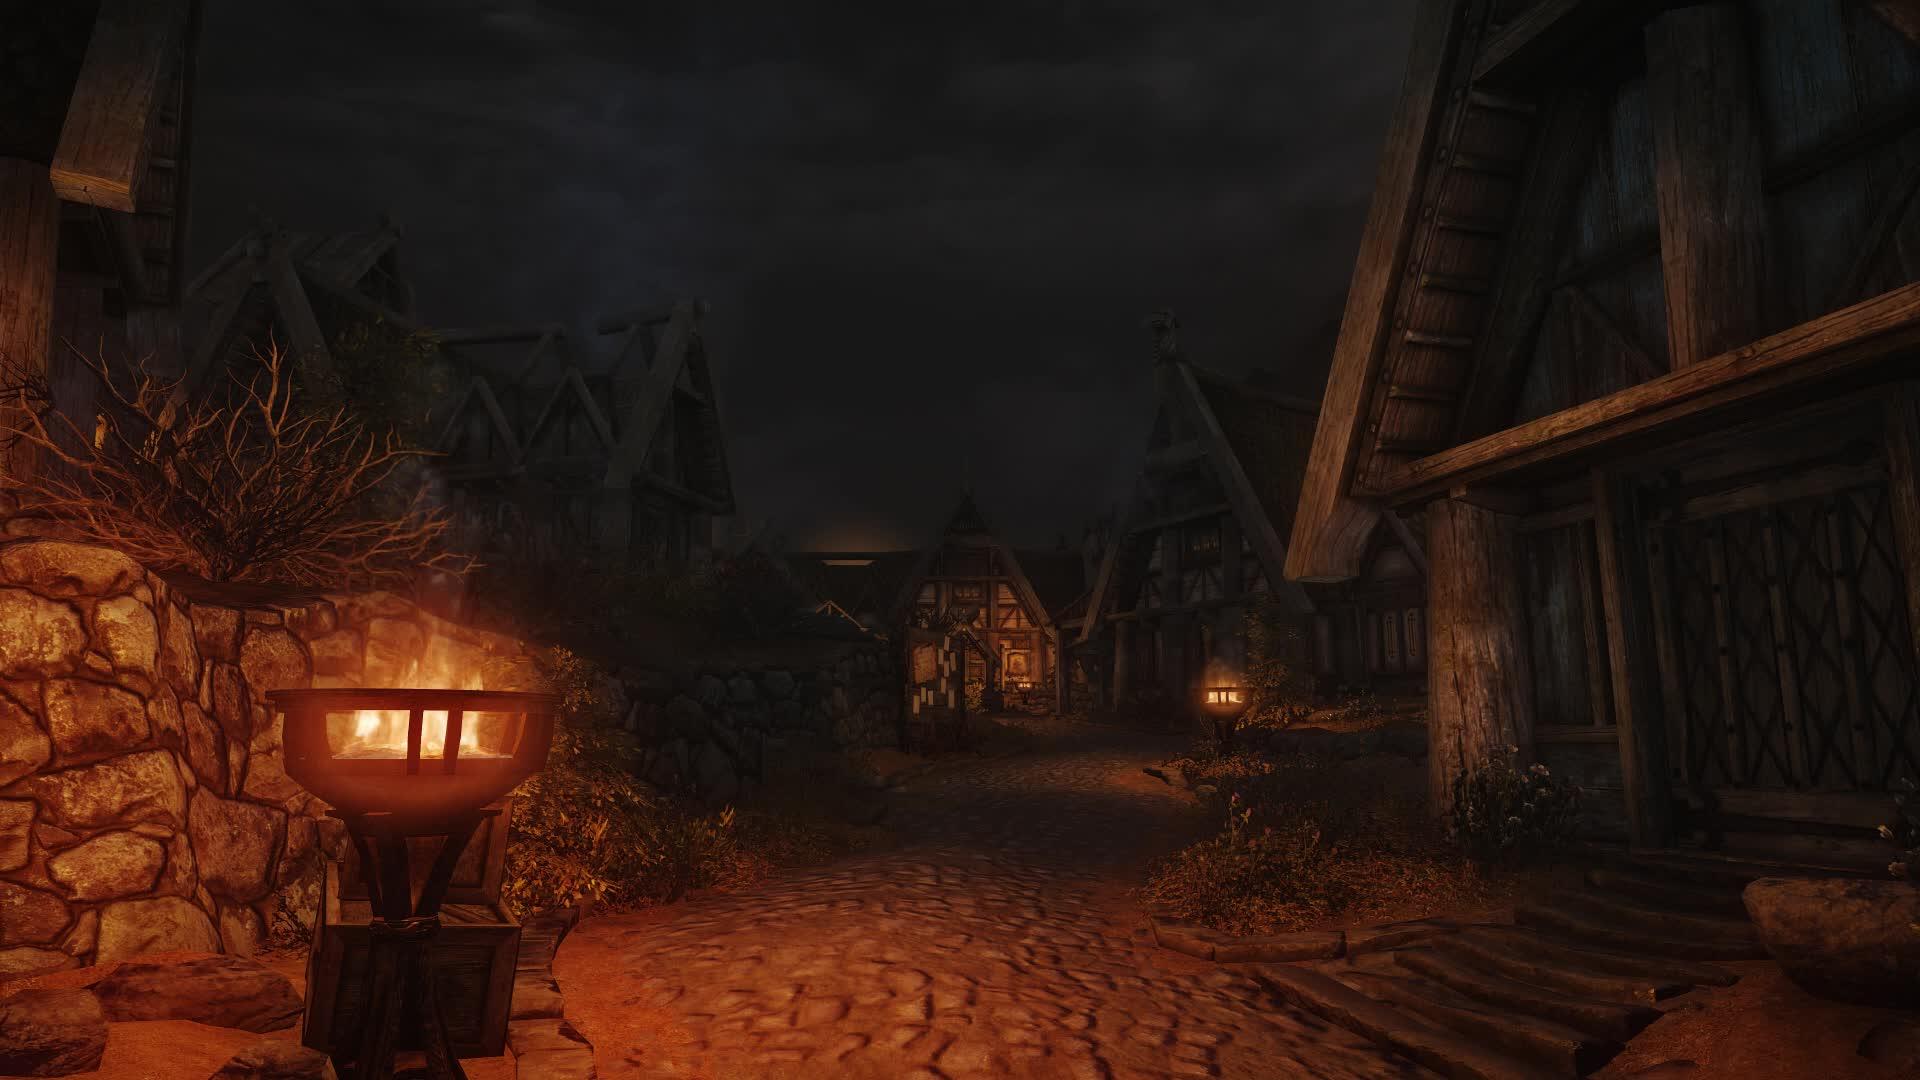 skyrim, The Elder Scrolls V Skyrim Special Edition 2019.02.23 - 12.40.24.02 GIFs